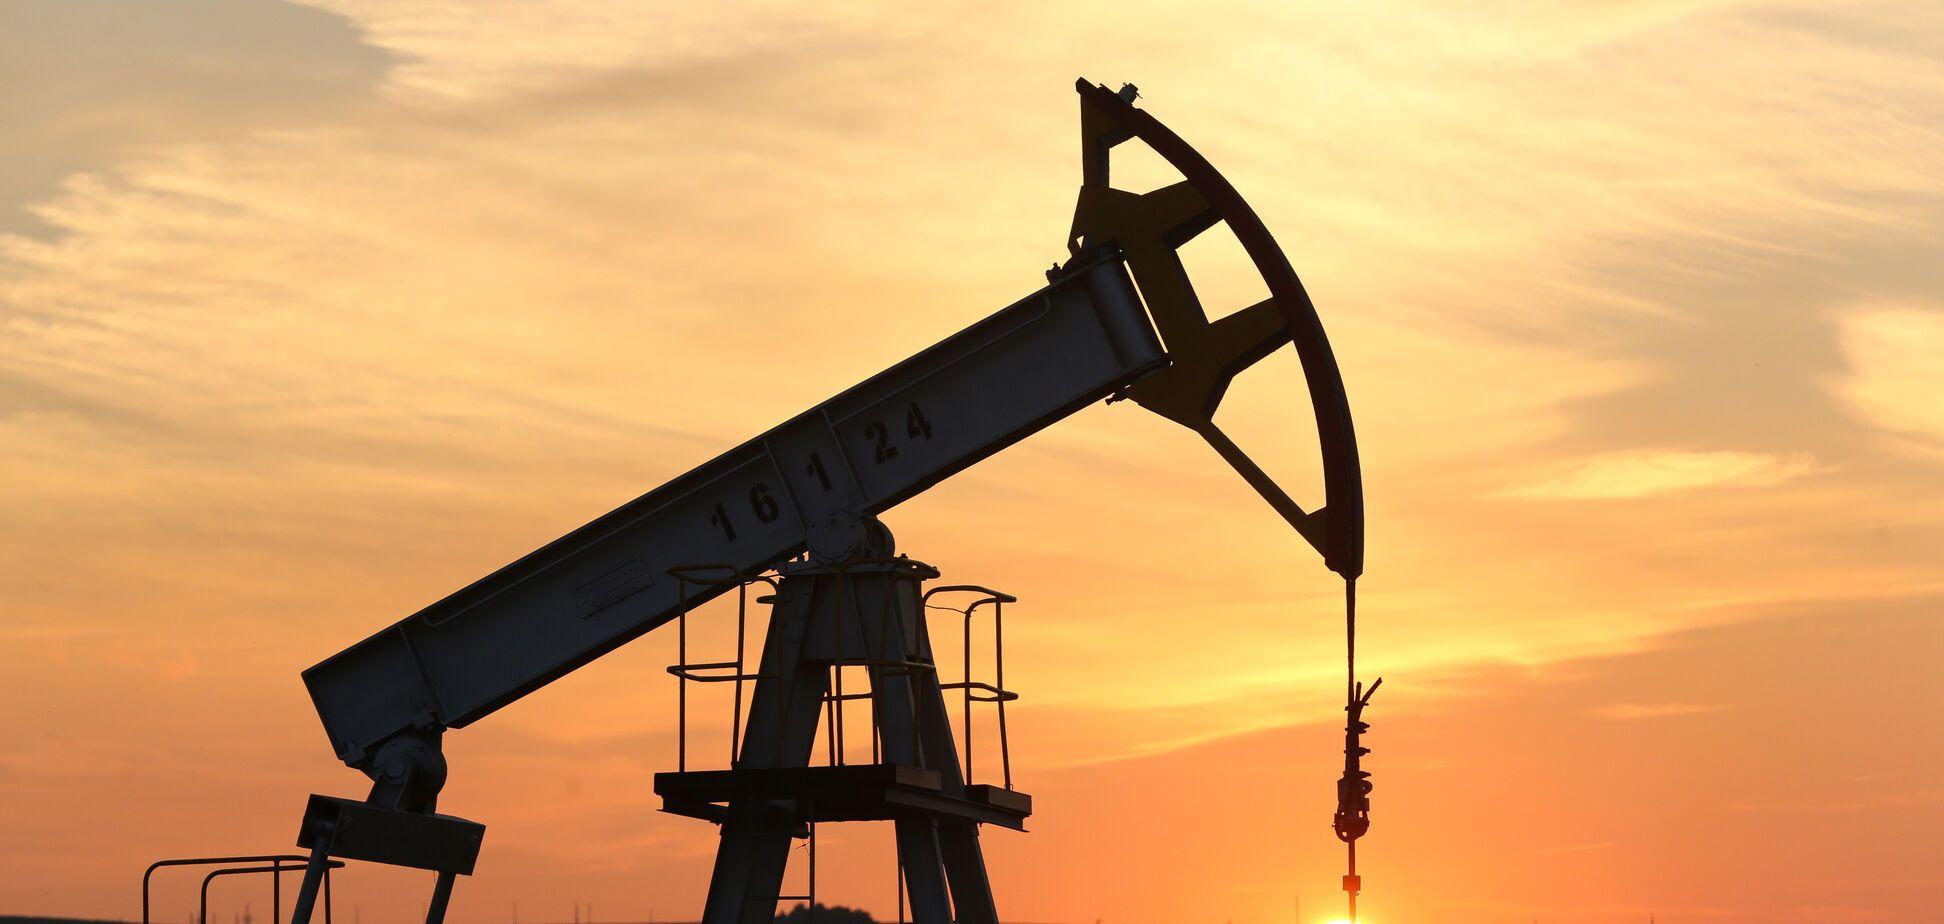 Нафта б'є рекорди: у Росії пояснили, що буде з цінами далі